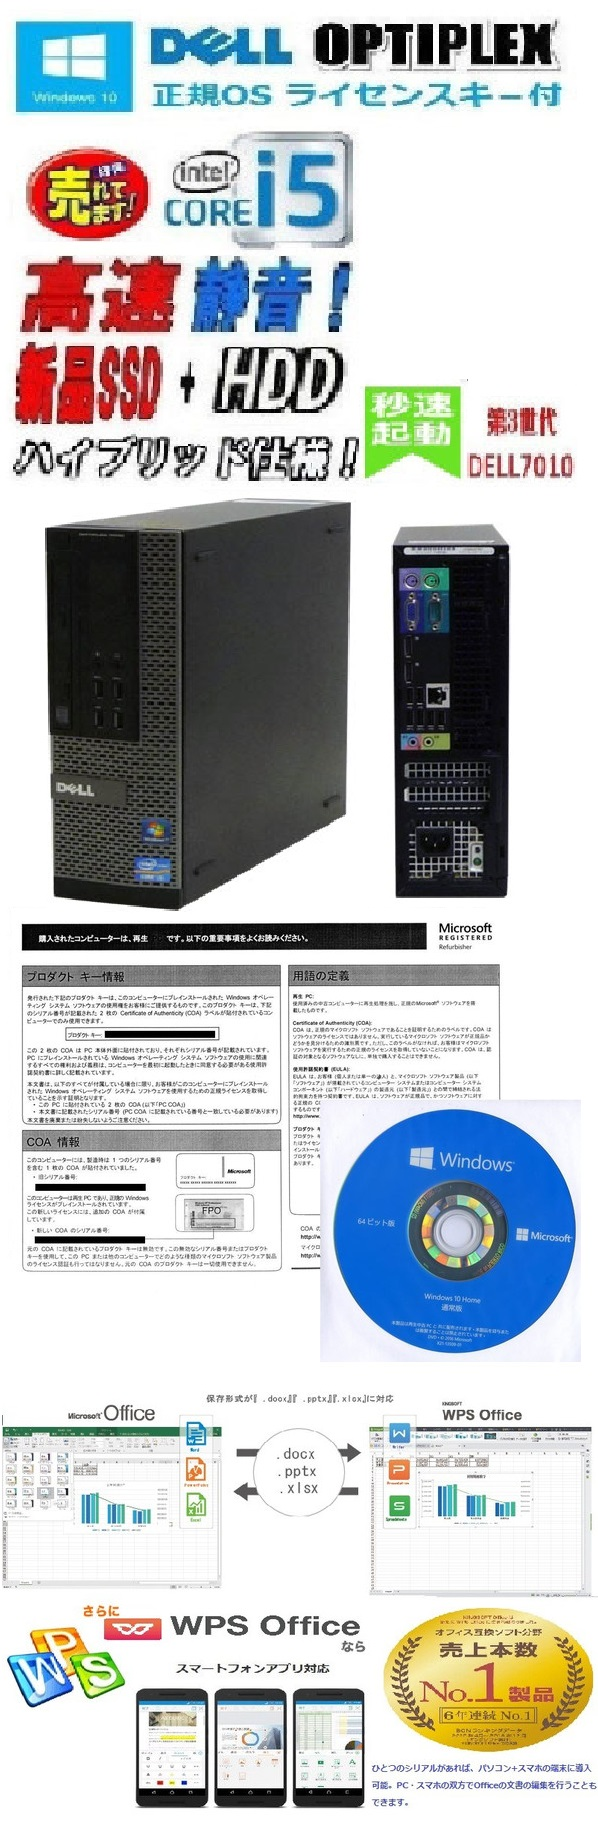 中古パソコン 正規OS Windows10 64bit/Core i5 3470(3.2GHz)/爆速新品SSD120GB+HDD250GB/メモリ4GB/USB3.0/DVDマルチ/OFFICE/DELL 7010SF/Kingsoft_WPS_Office/0171A